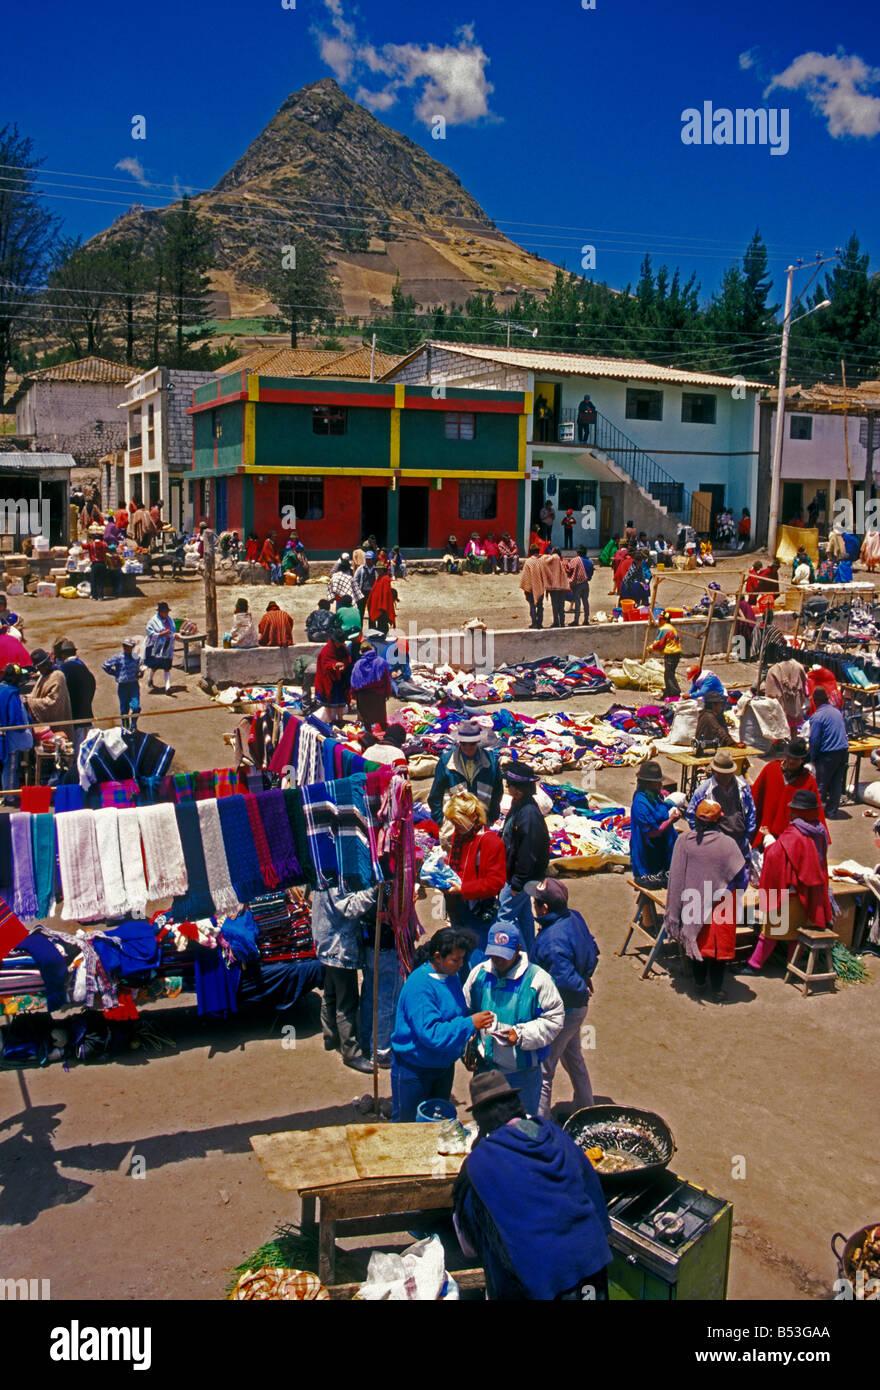 Ecuadorans, ecuadorianischen, Lieferant, Hersteller, Verkauf, neue Kleidung, Kleidung, Kleidung, indischen Markt, Stockfoto